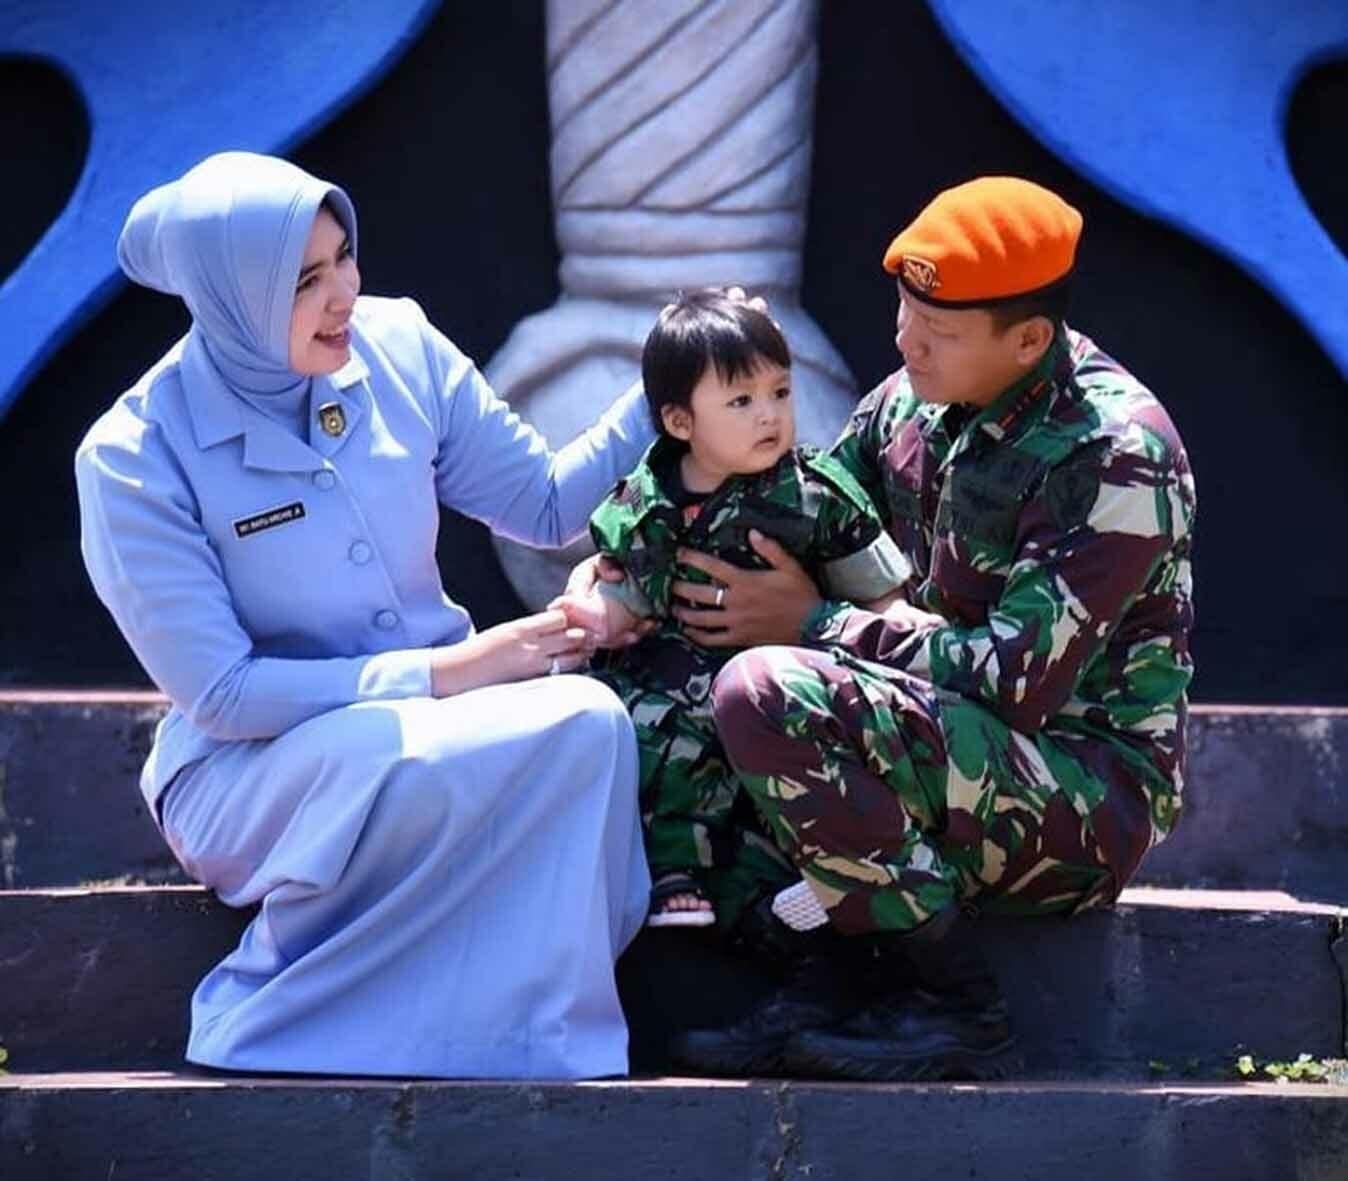 Penyerahan hadiah foto keluarga dan prajurit siswa terbaik Setukba Angkatan ke-37 oleh Dandenmatra 2 Paskhas